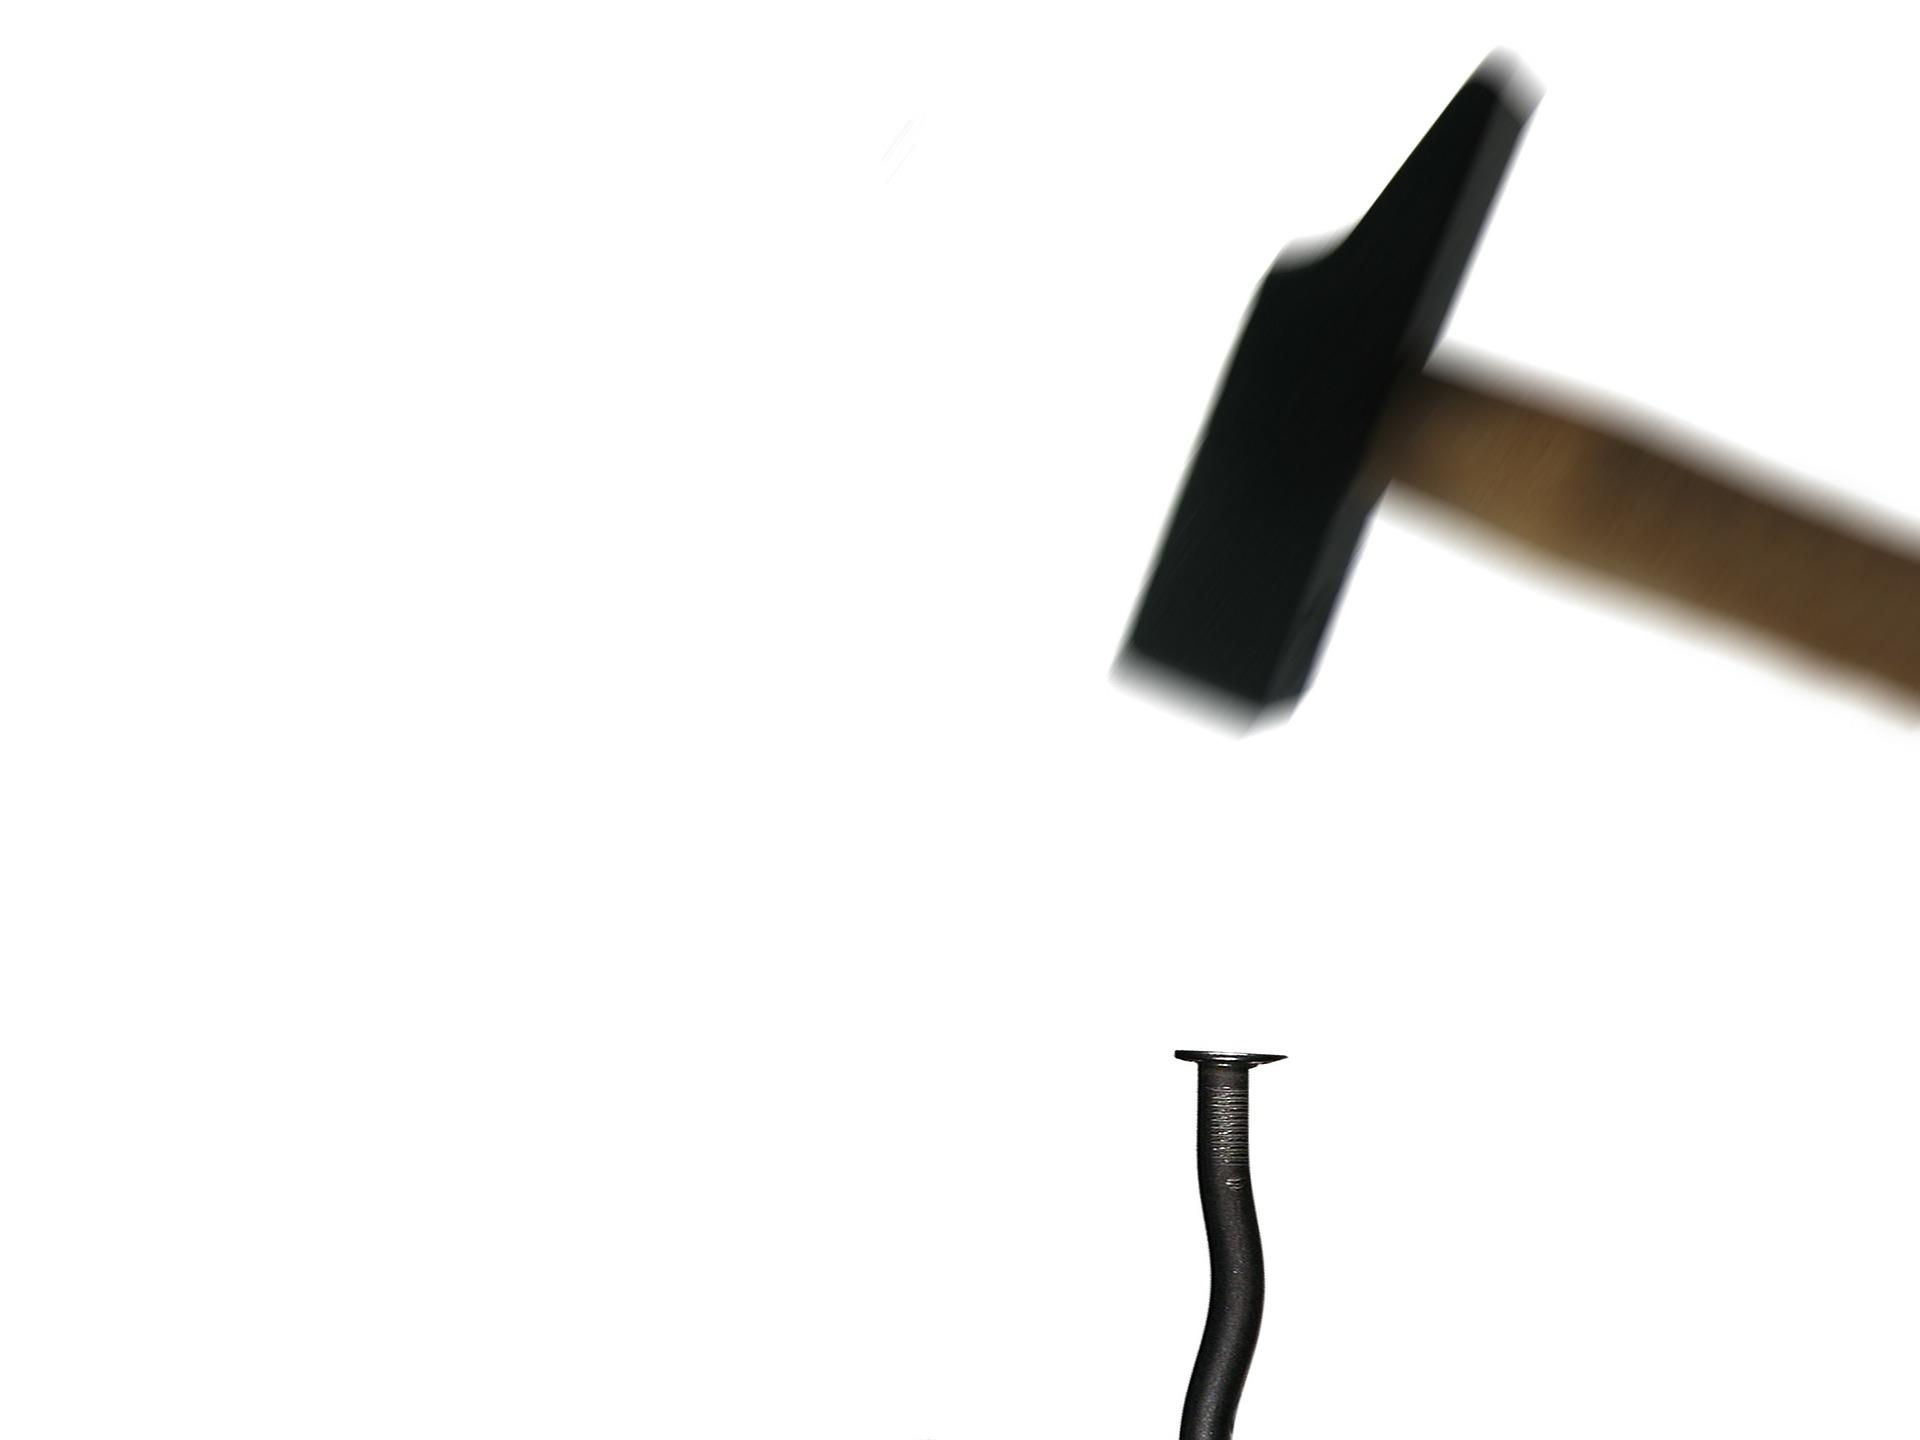 hammer-69667_1920